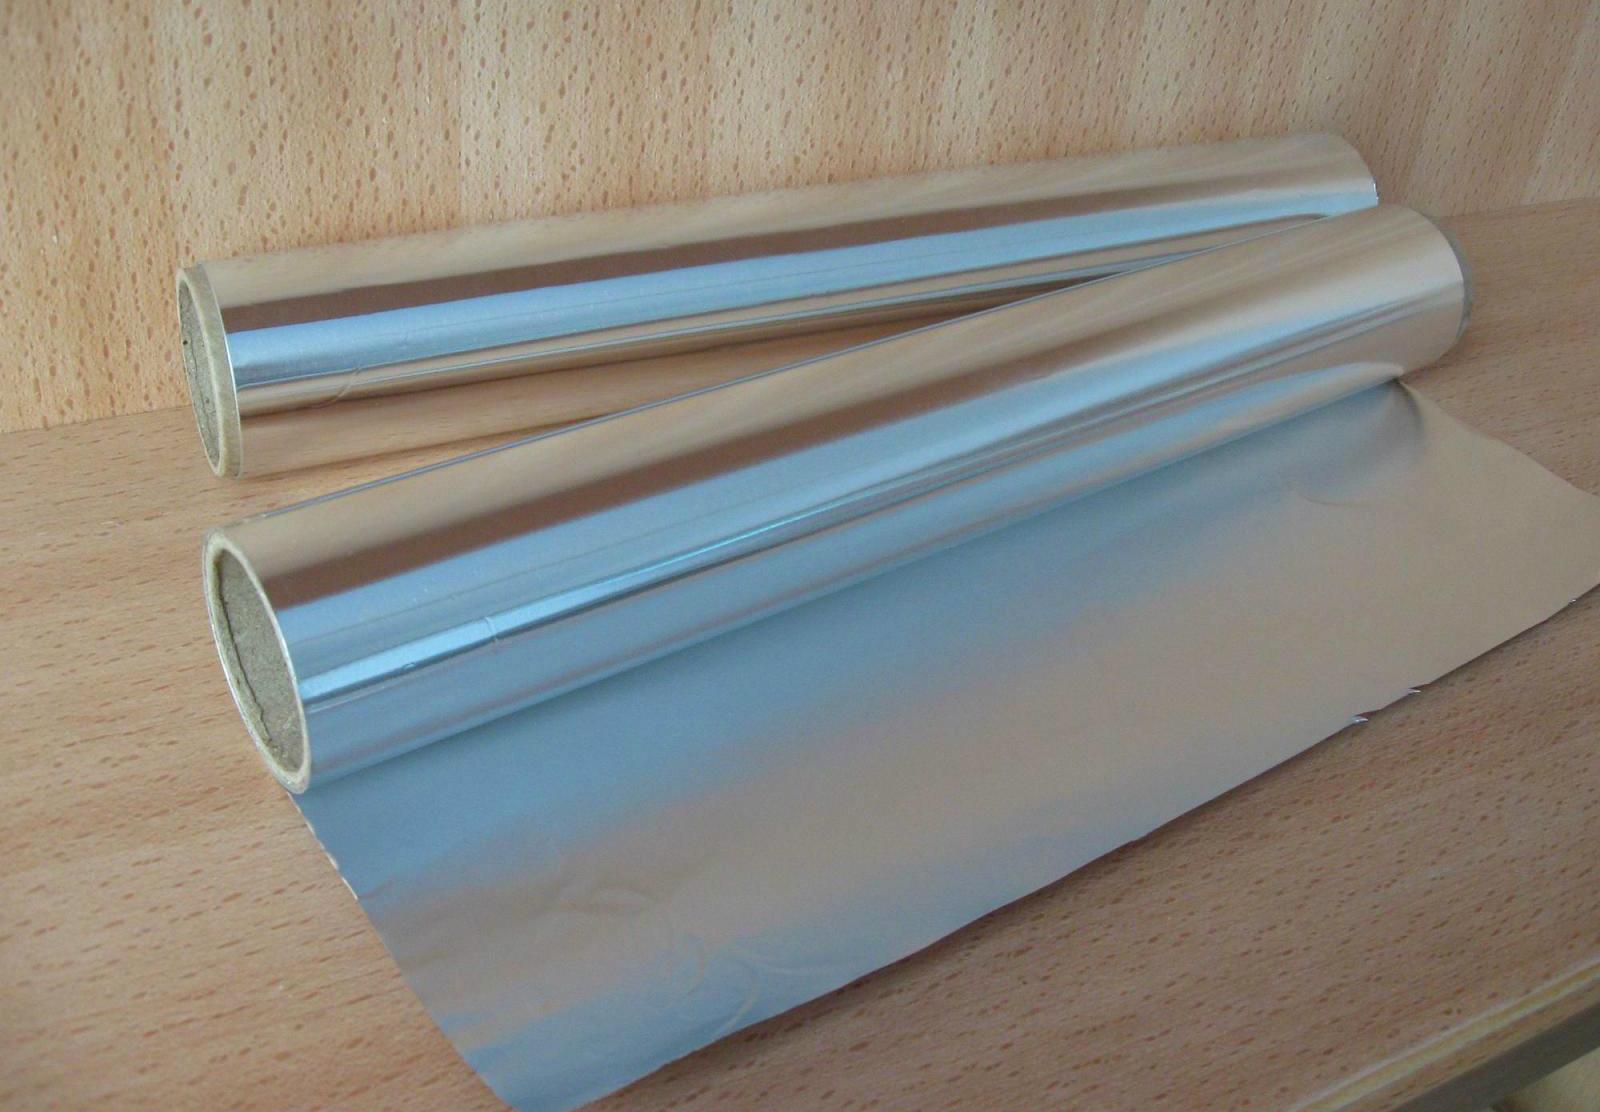 Aluminum Foil of Household Foil